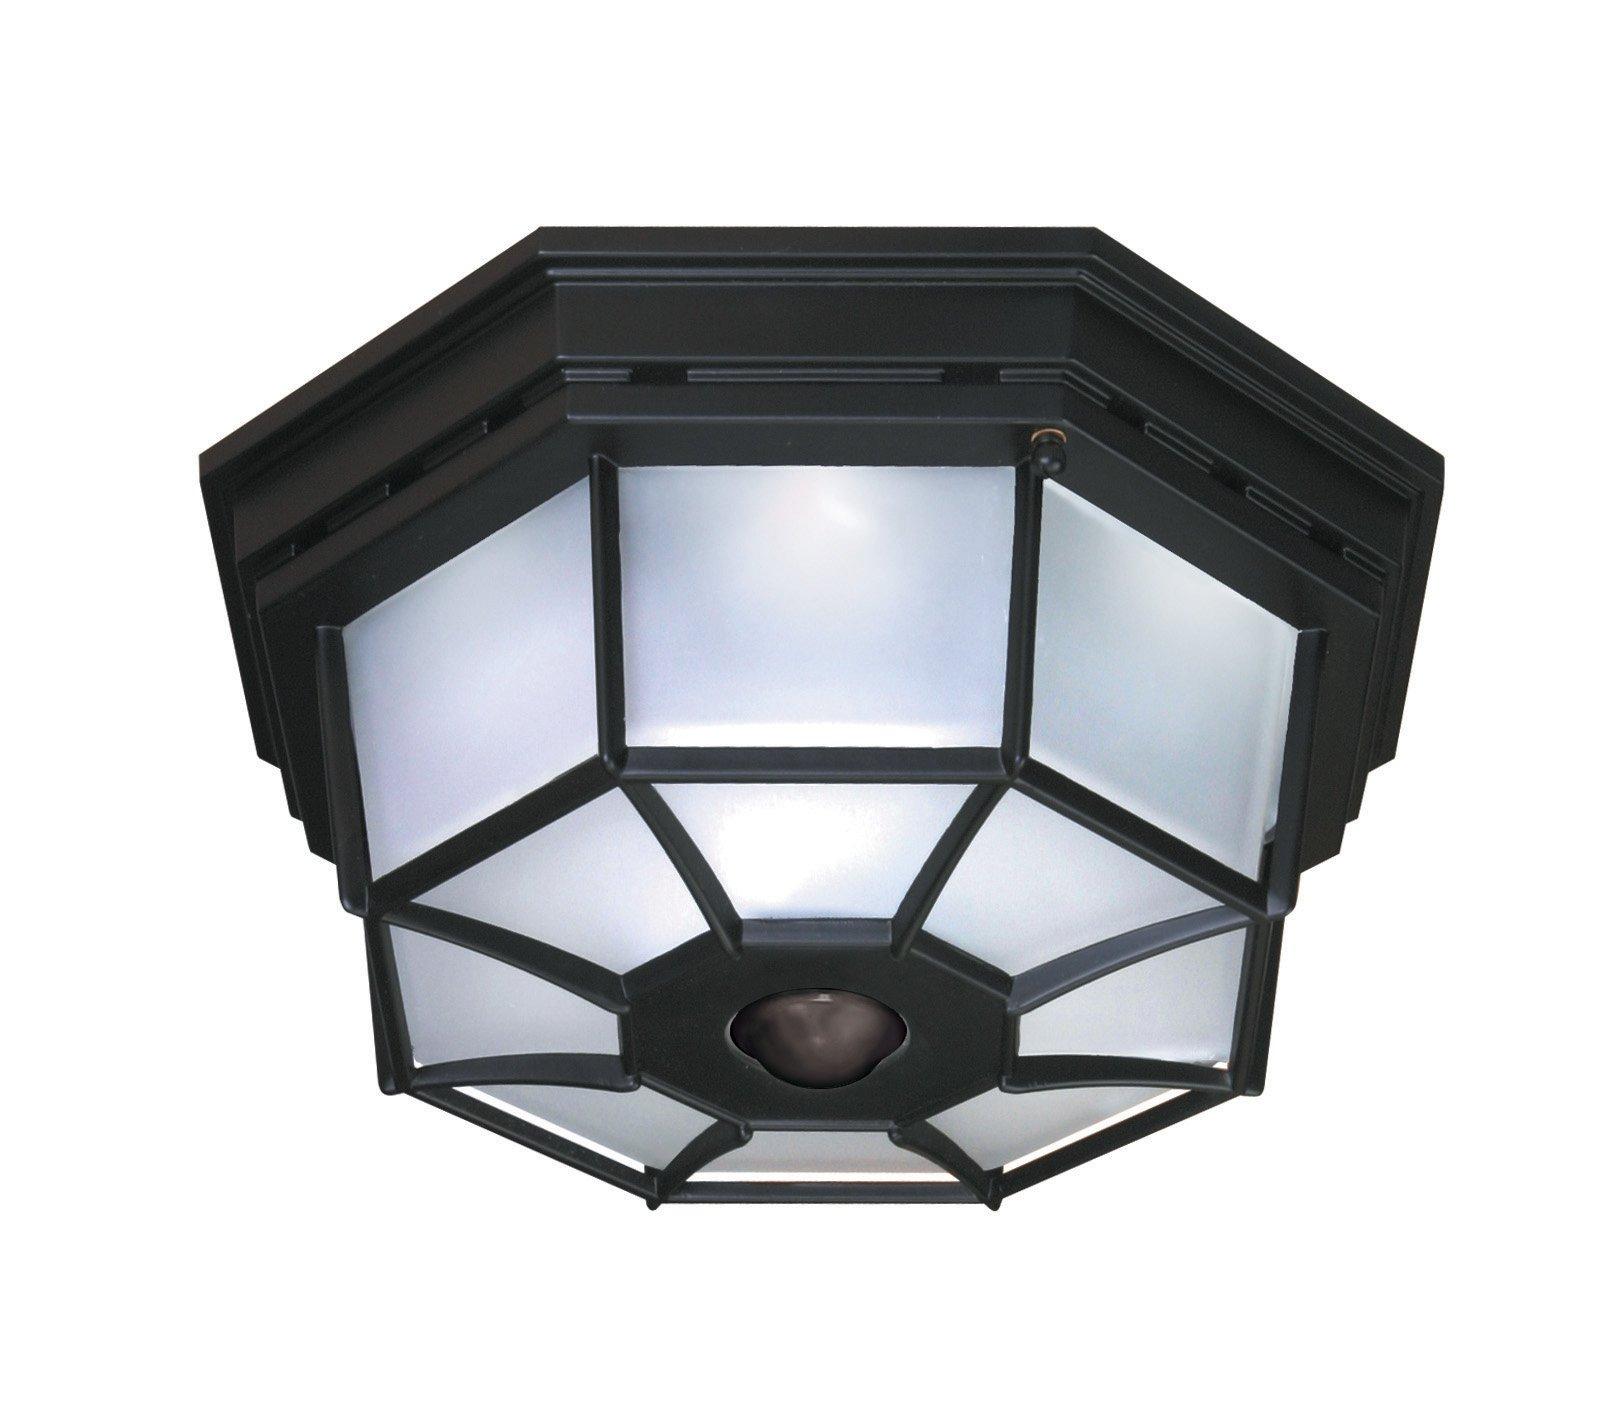 Heath Zenith HZ-4300-BK-B 360-Degree Motion-Activated Octagonal Ceiling Light, Black by Heath Zenith